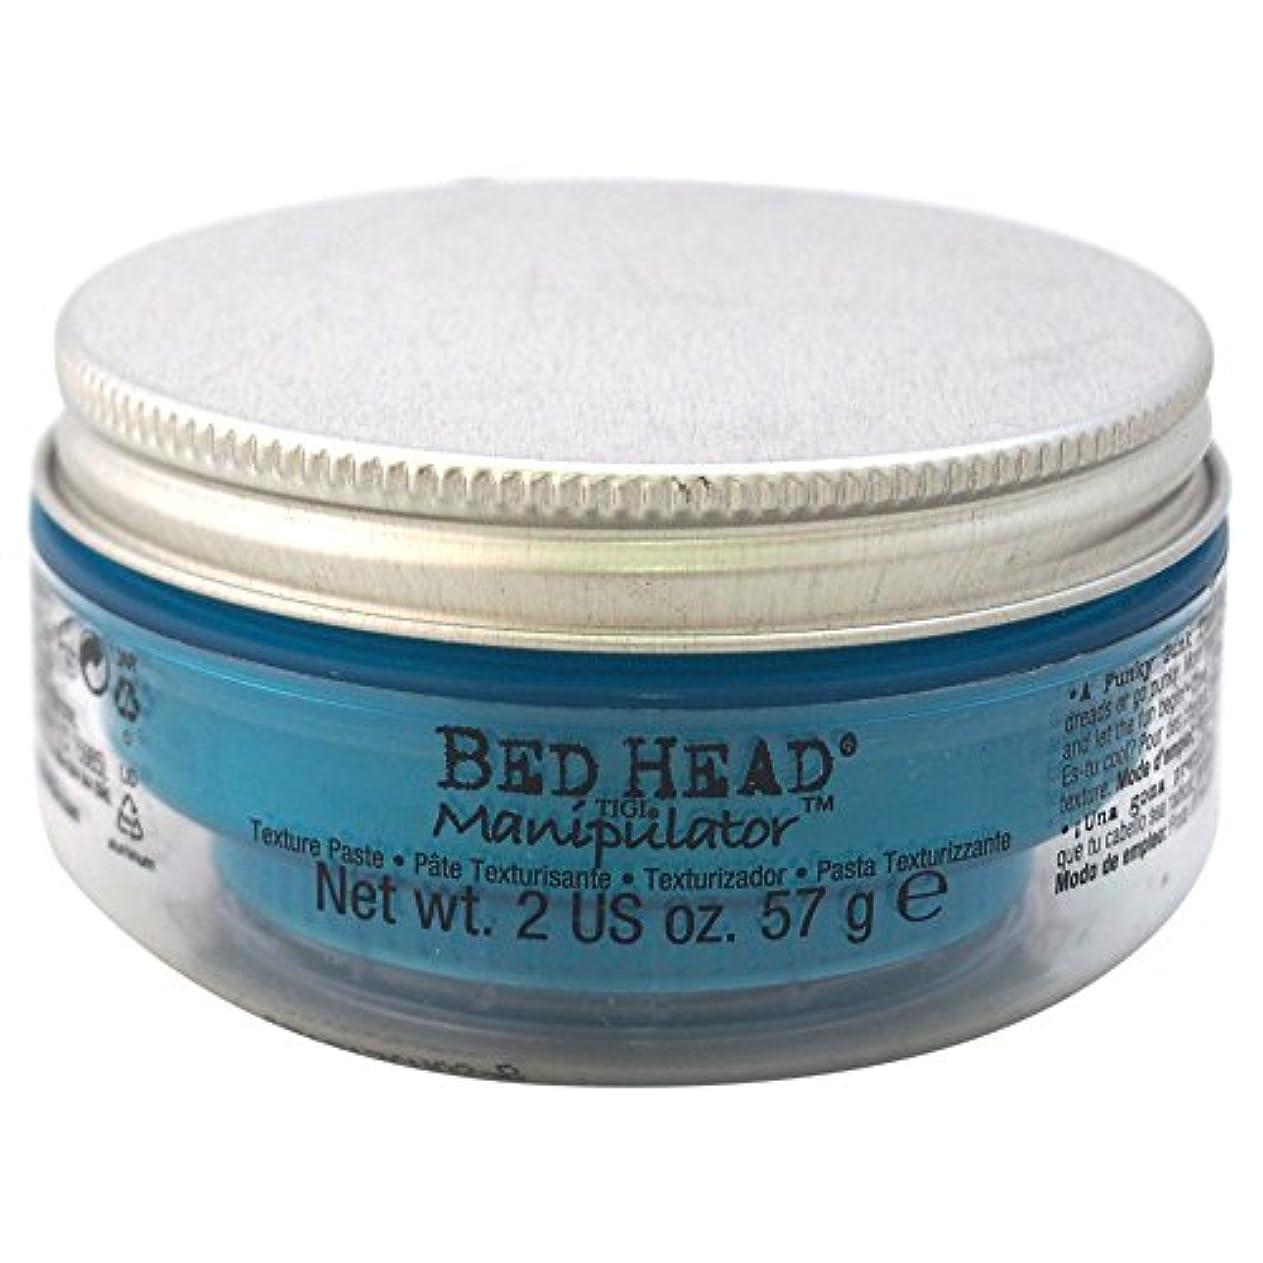 継続中銛あさりティジー ベッドヘッドマニピュレーター テキシチヤ ペースト Tigi Bed Head Manipulator Texture Paste 57 ml [並行輸入品]